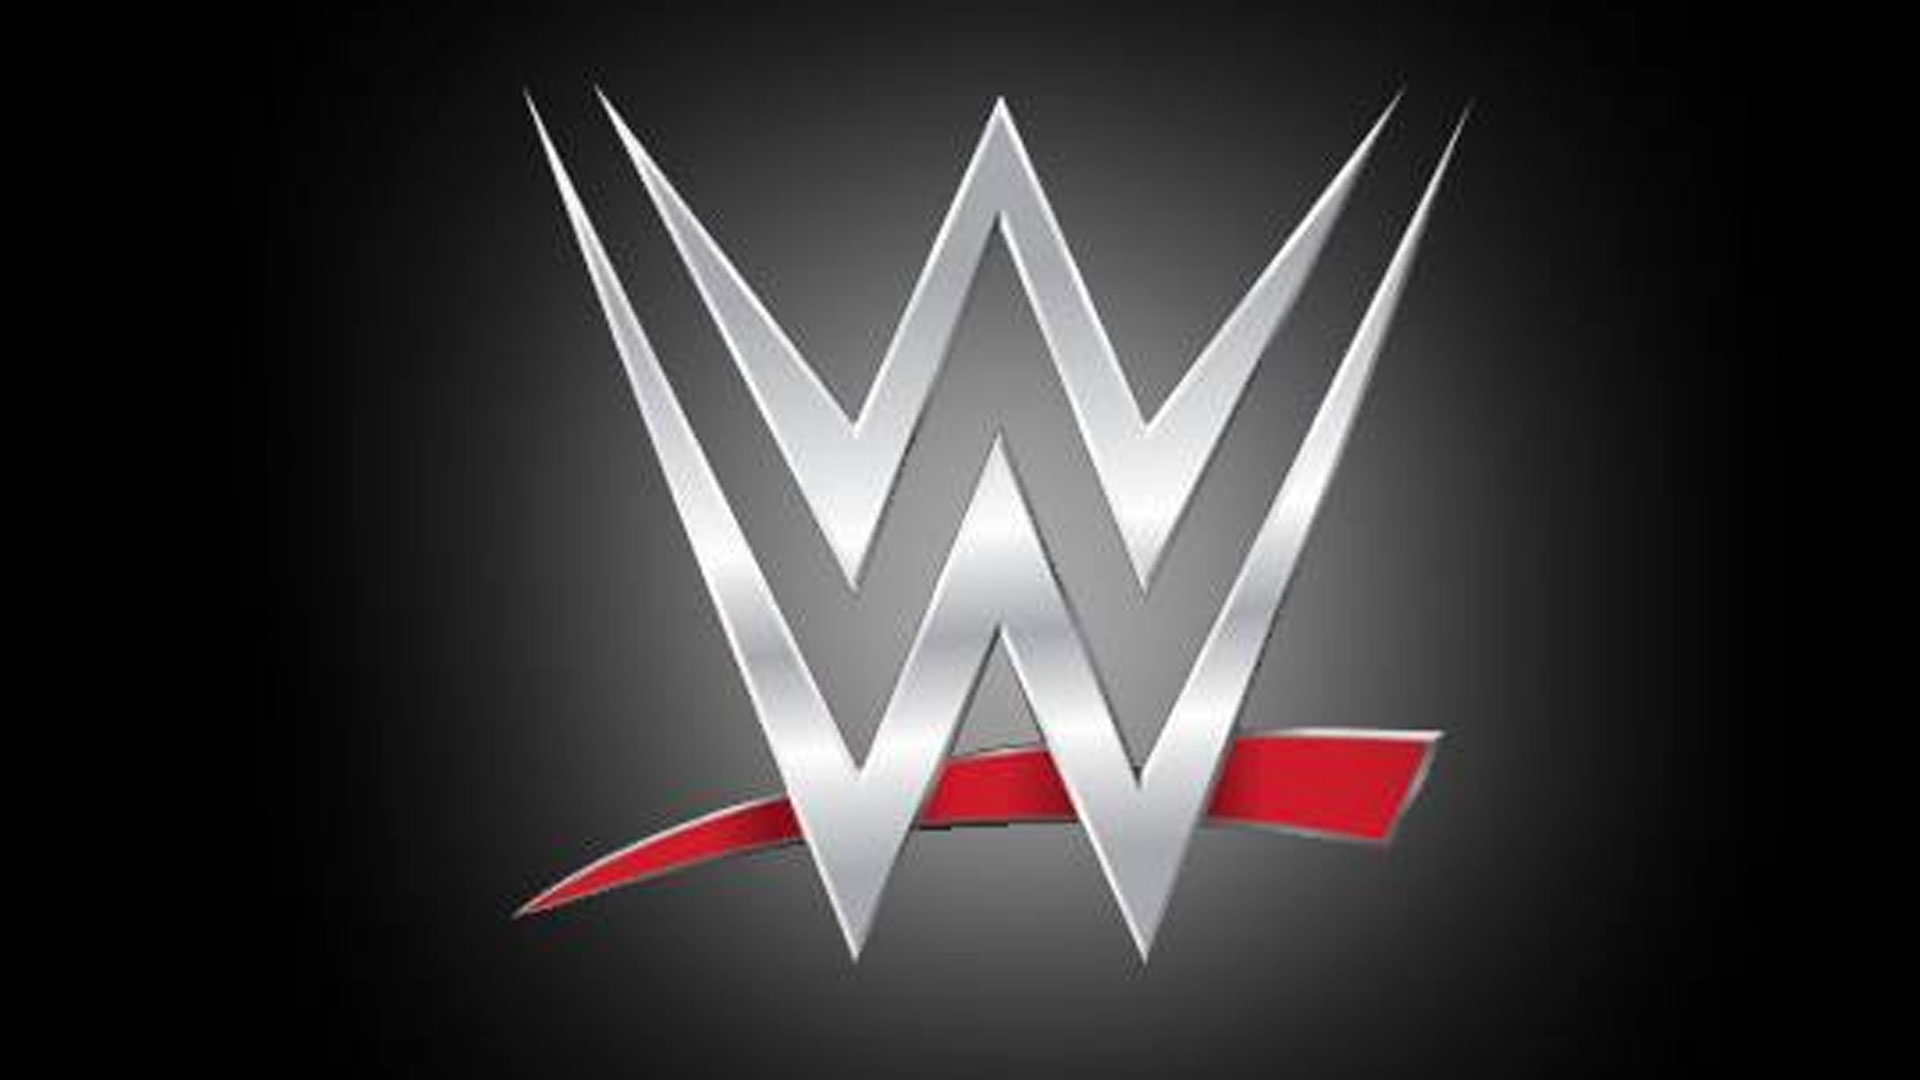 WWE NEWS: पहले रॉयल रम्बल और अब रेसलमेनिया से भी बाहर हो सकता है कंपनी का यह बड़ा सितारा 11